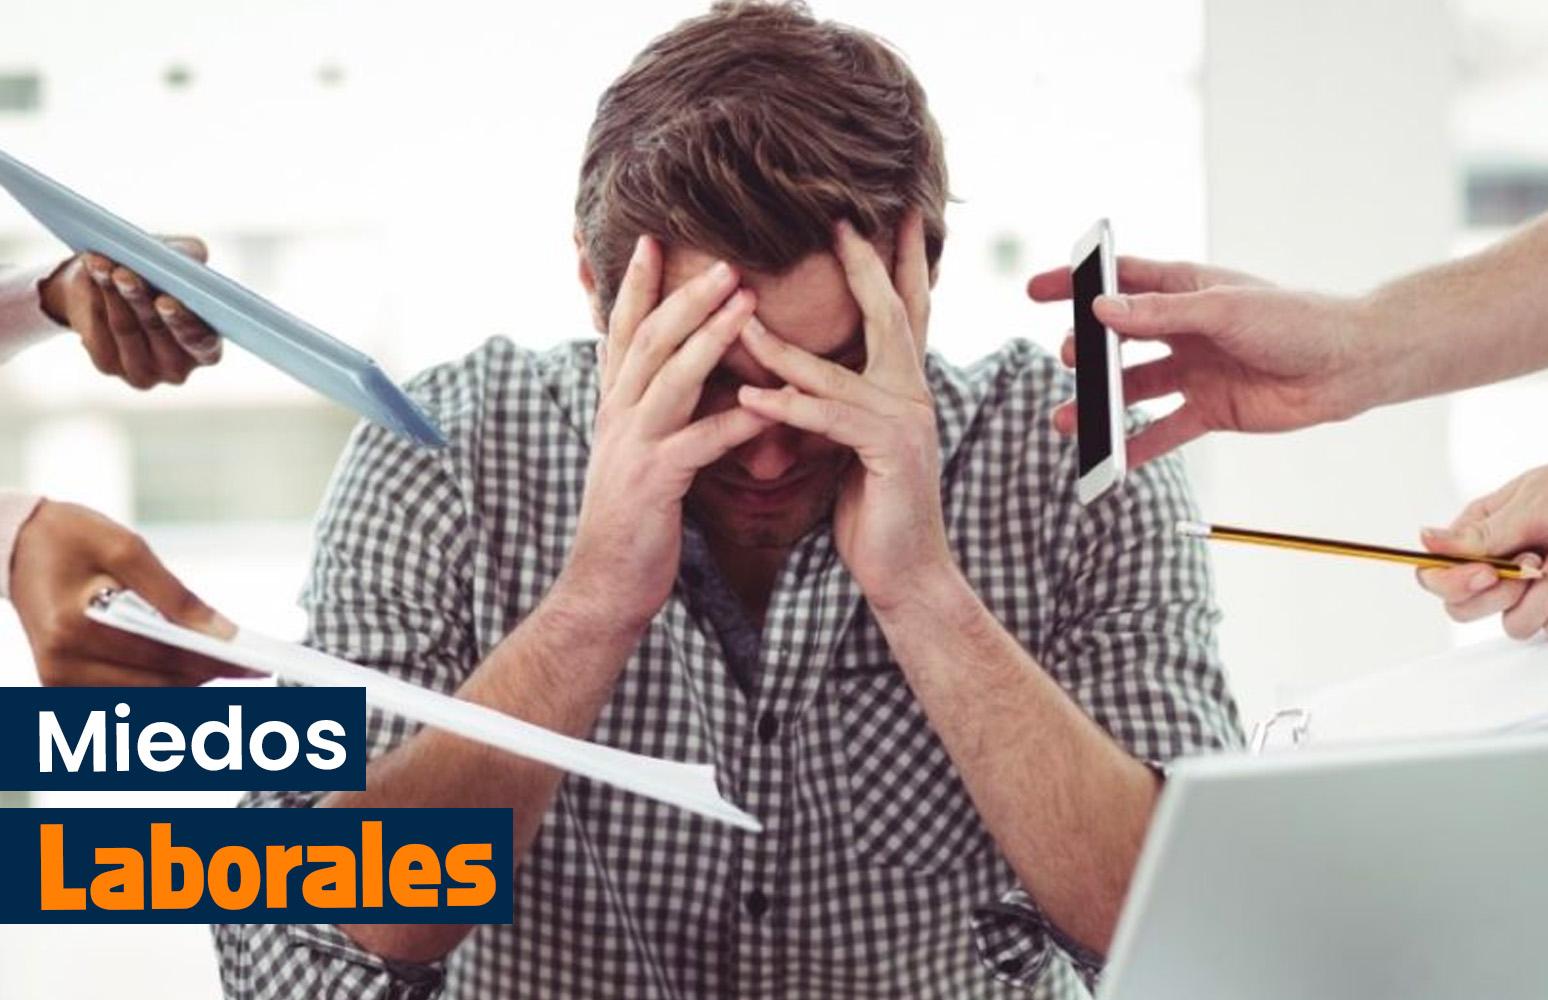 Miedos laborales: ¿Cómo enfrentarlos?